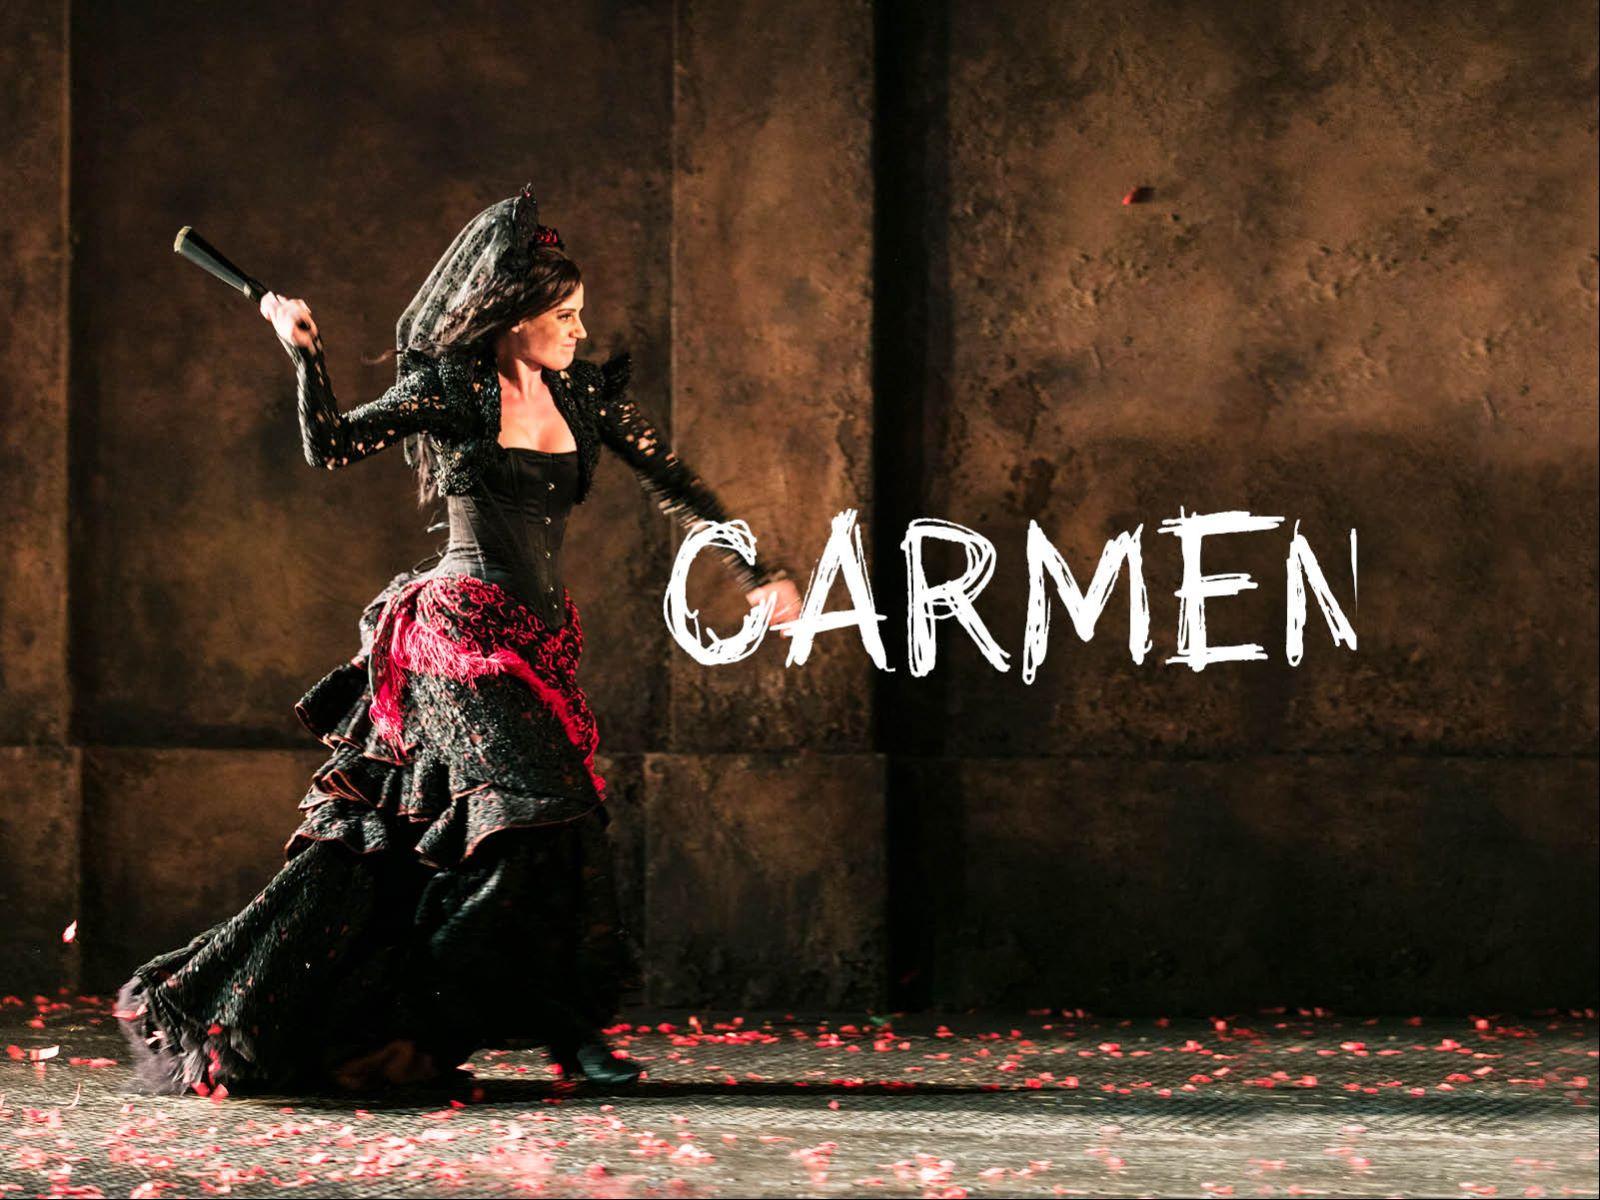 Marknadsföringsbild för operan Carmen